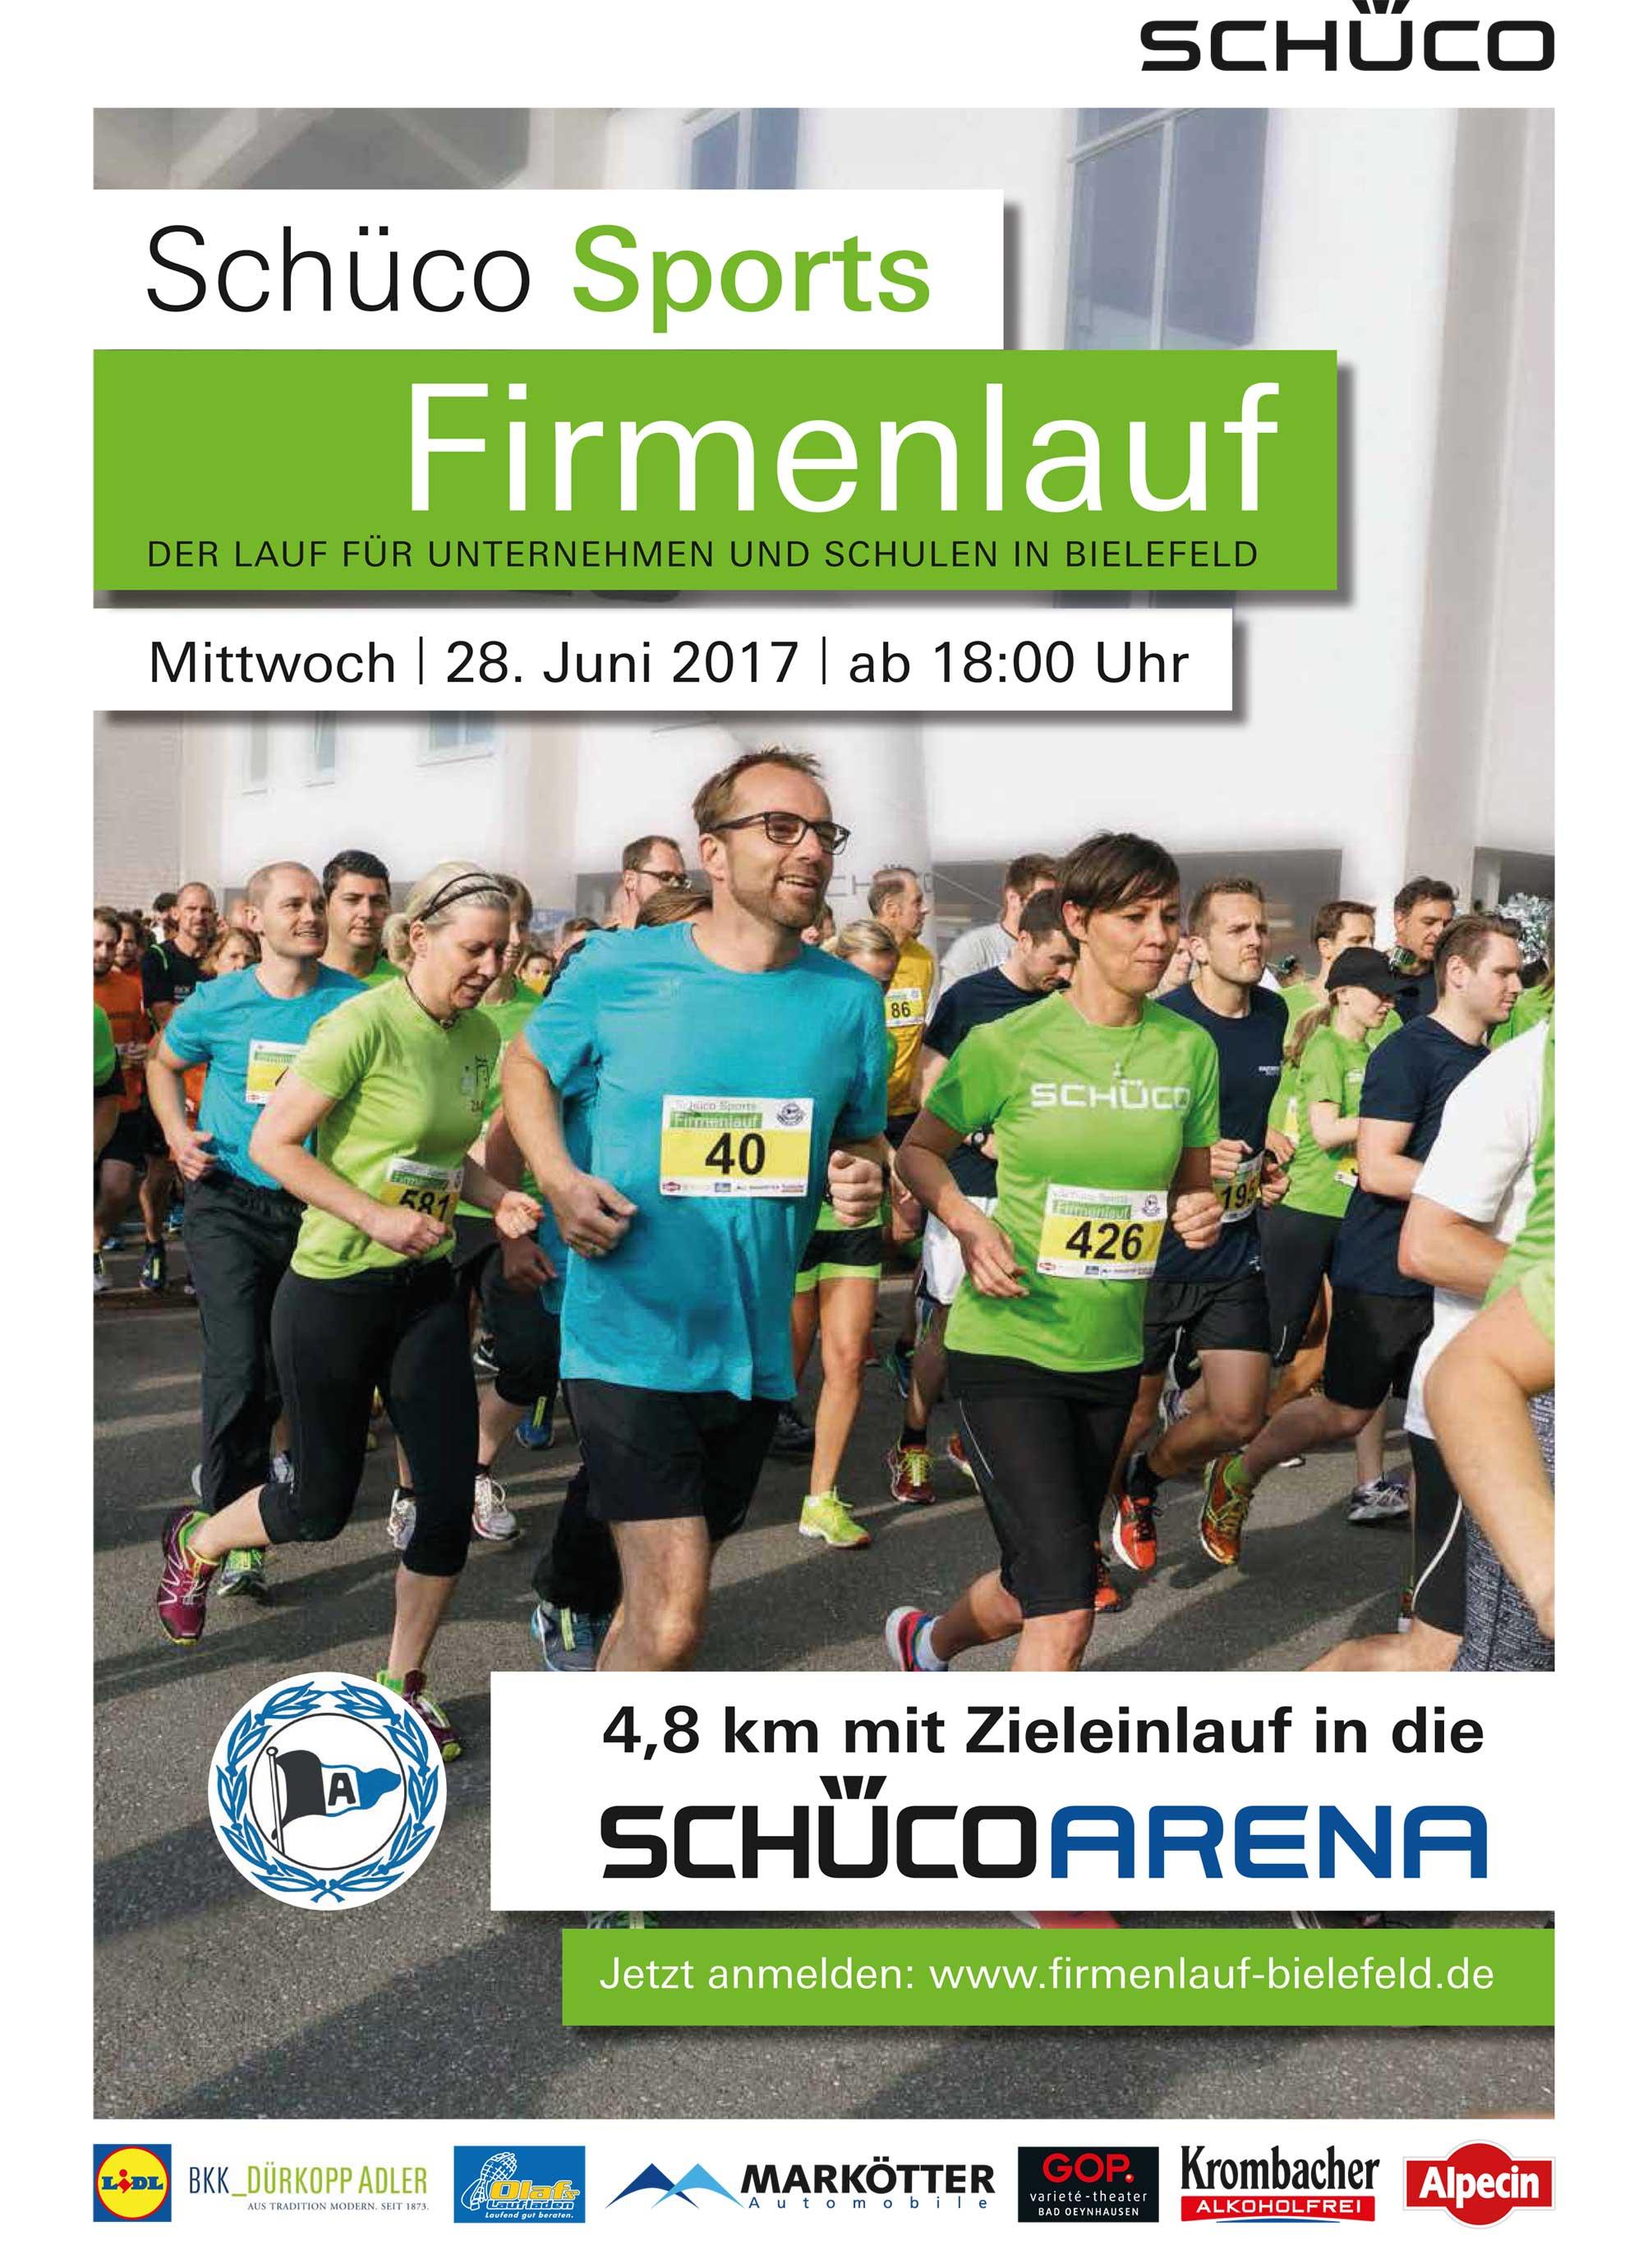 Neu-Plakat_Schueco-Firmenlauf2017_A3-Endzustand-web